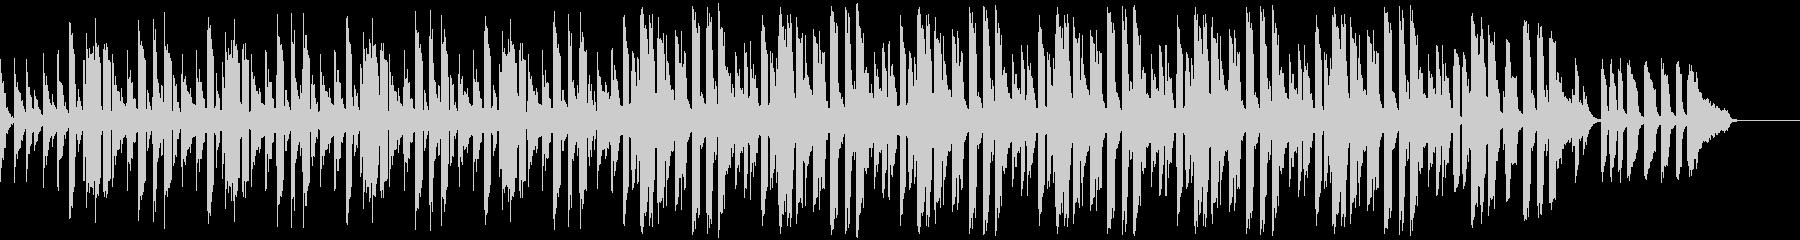 bpm80スウィングドラム抜きの未再生の波形